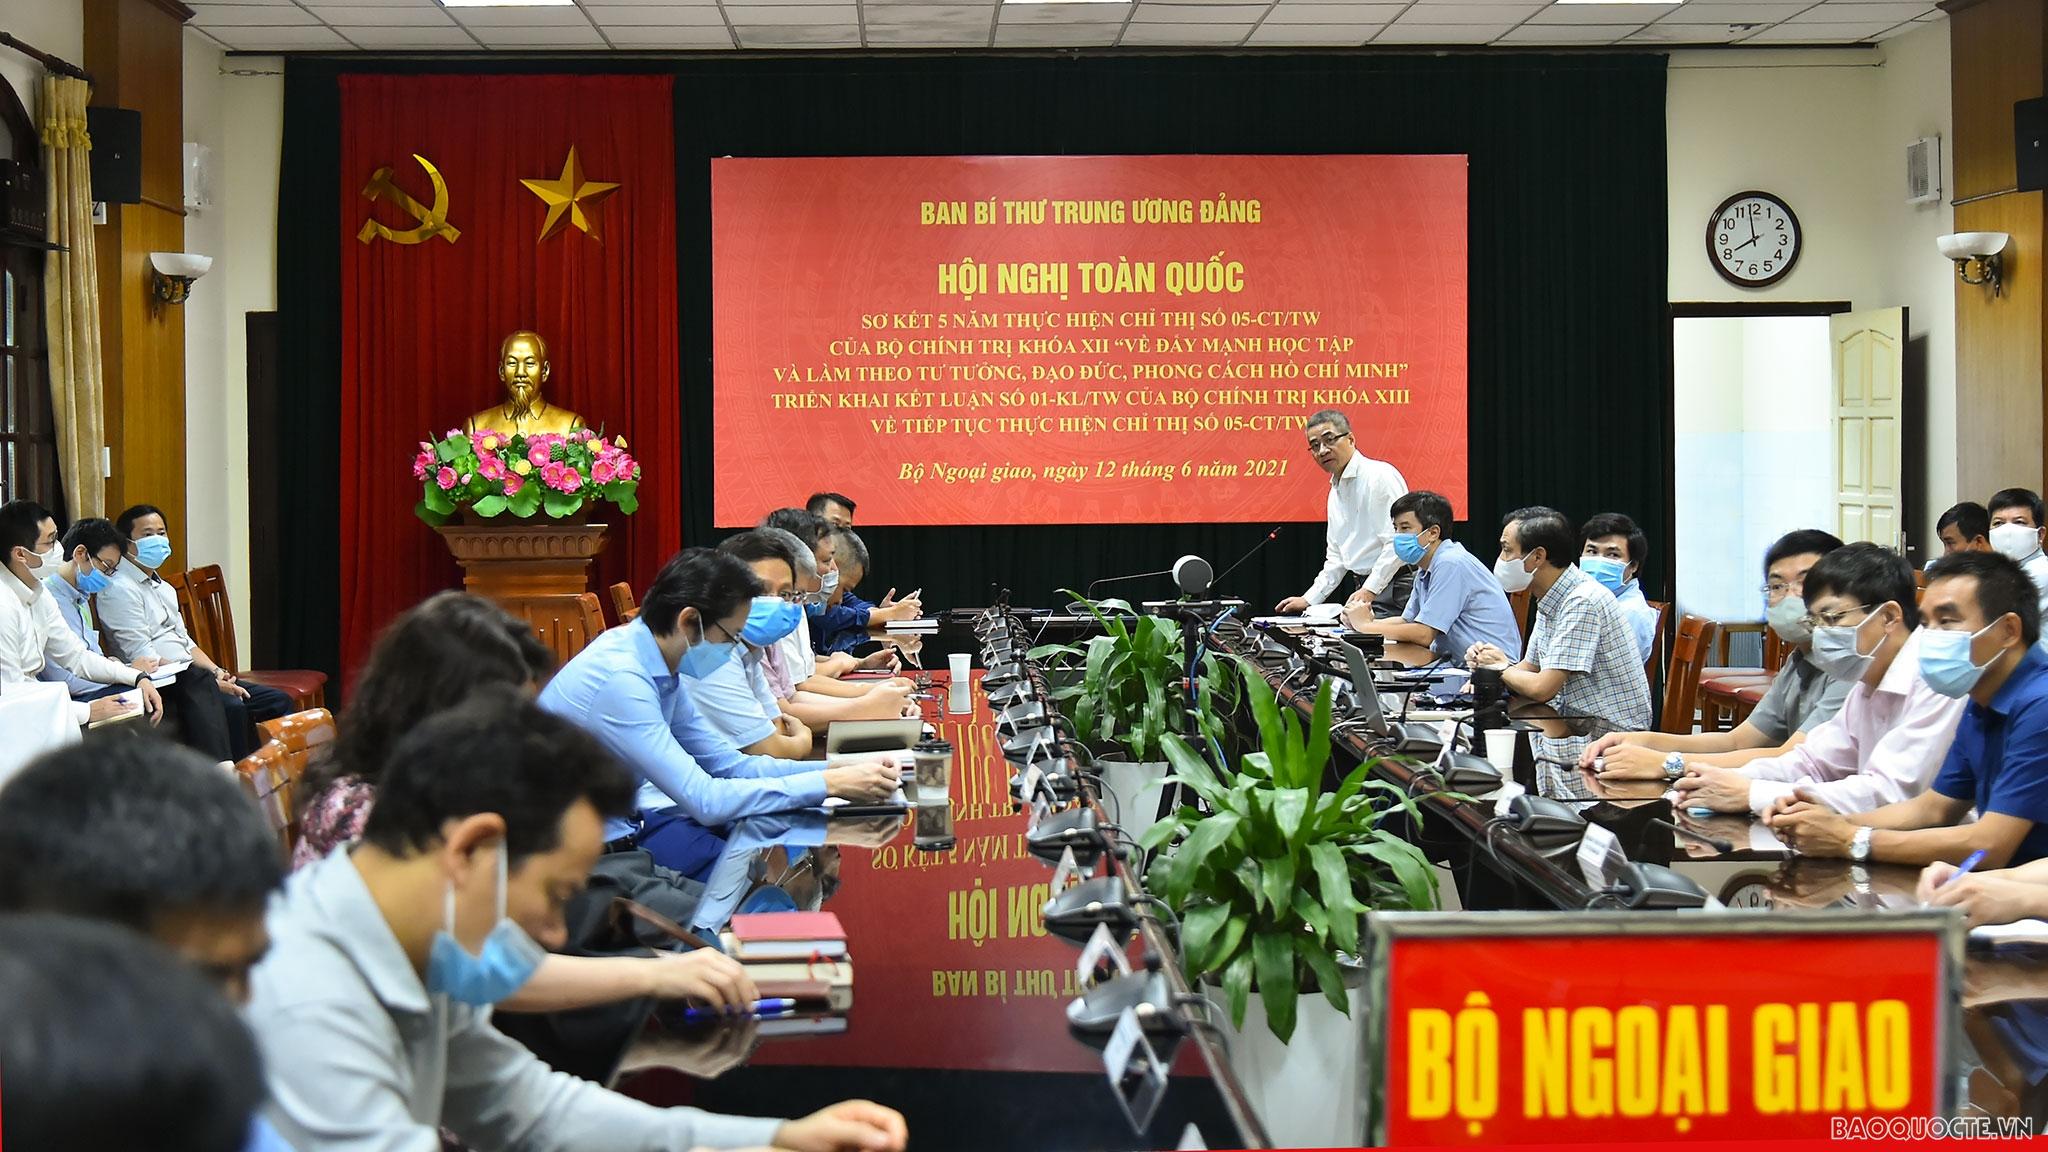 Đảng ủy Bộ Ngoại giao dự Hội nghị trực tuyến học tập và làm theo tư tưởng, đạo đức, phong cách Hồ Chí Minh theo Chỉ thị 05-CT/TW